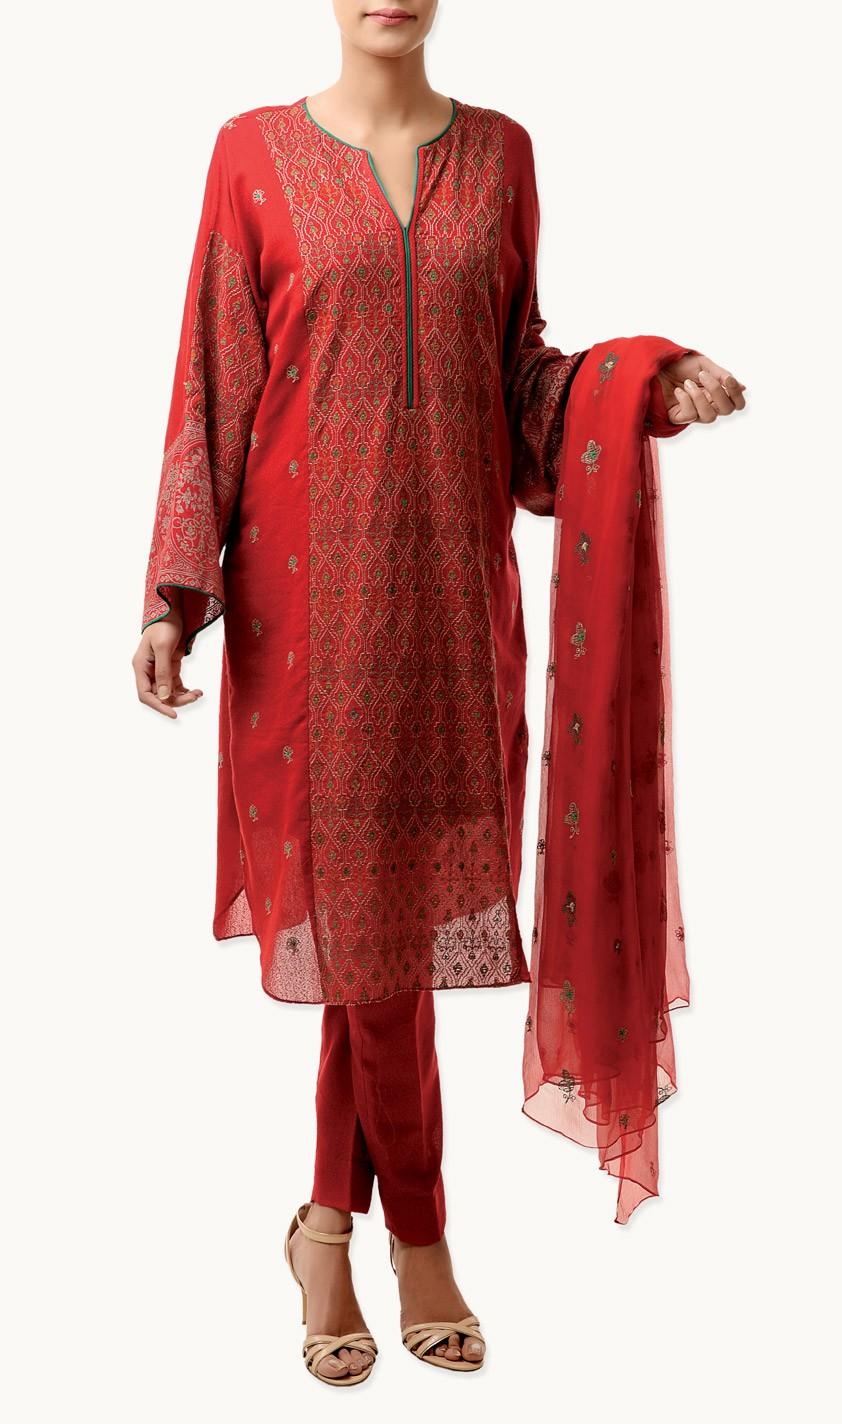 Bareeze Cotton Karandi And Lawn Karandi Winter Collection